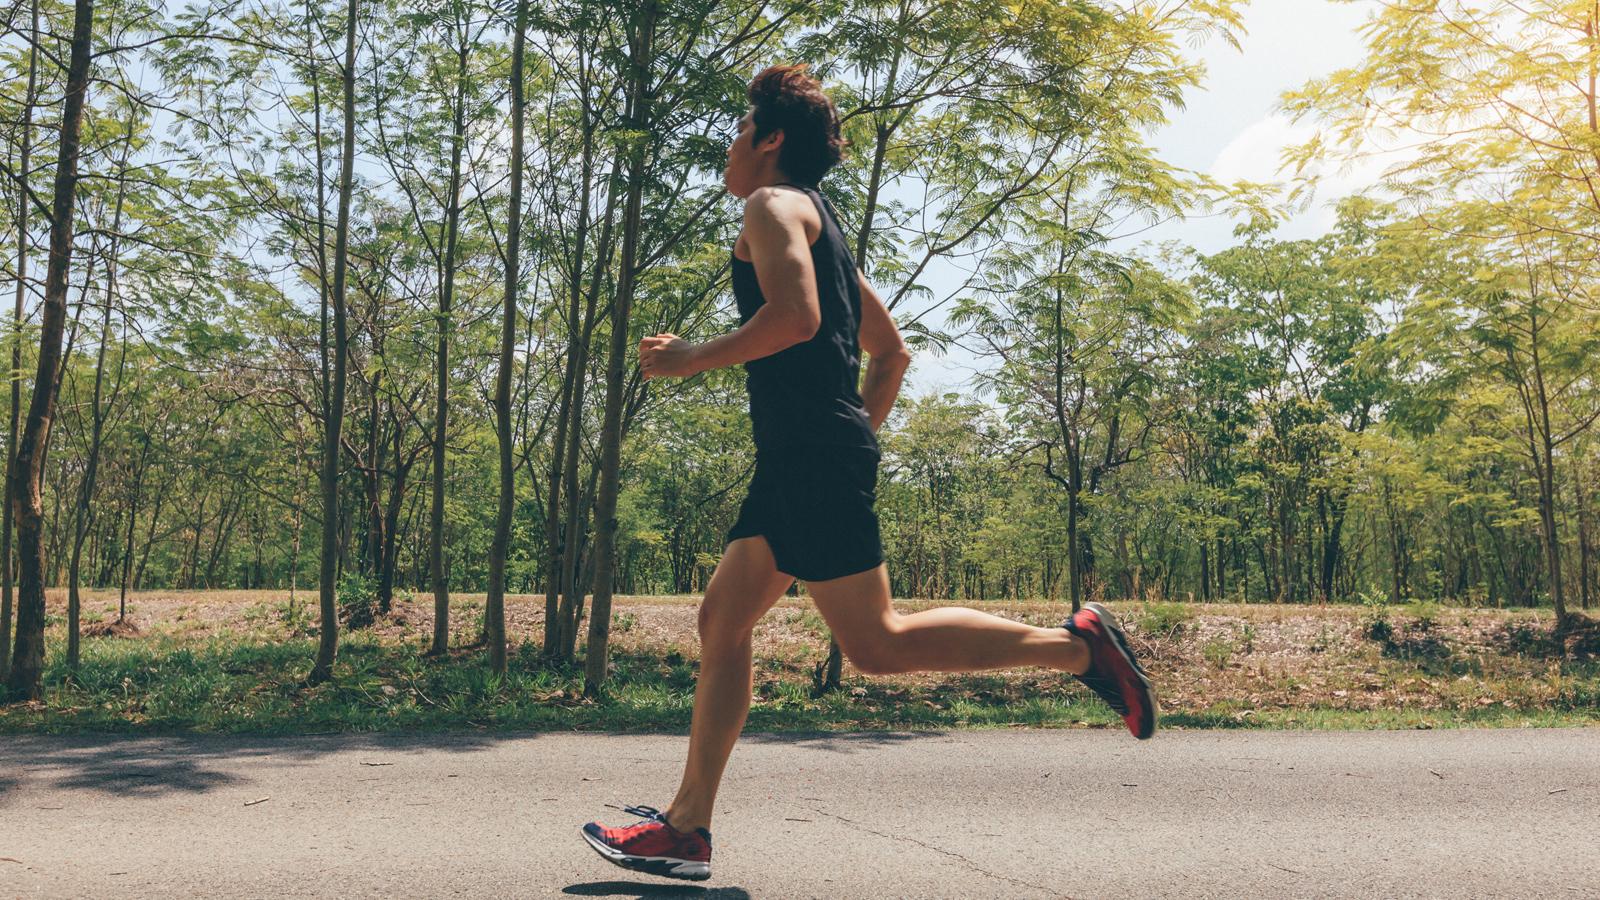 Câu hỏi liên quan đến chạy bộ đúng cách